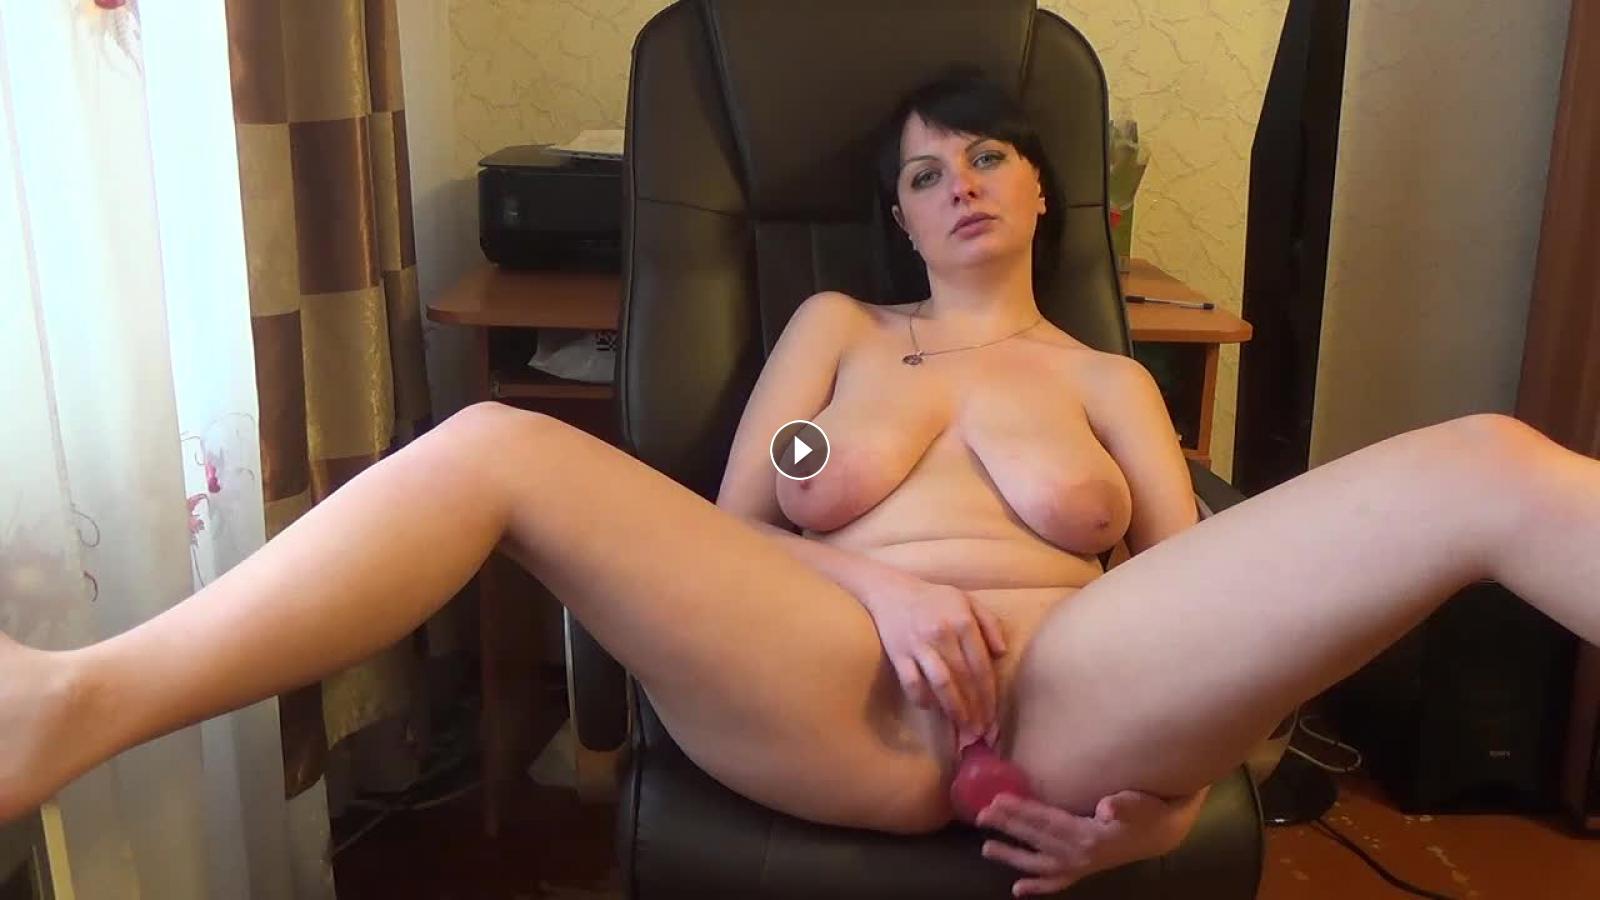 veb-porno-studiya-prostitutki-krupnim-planom-piter